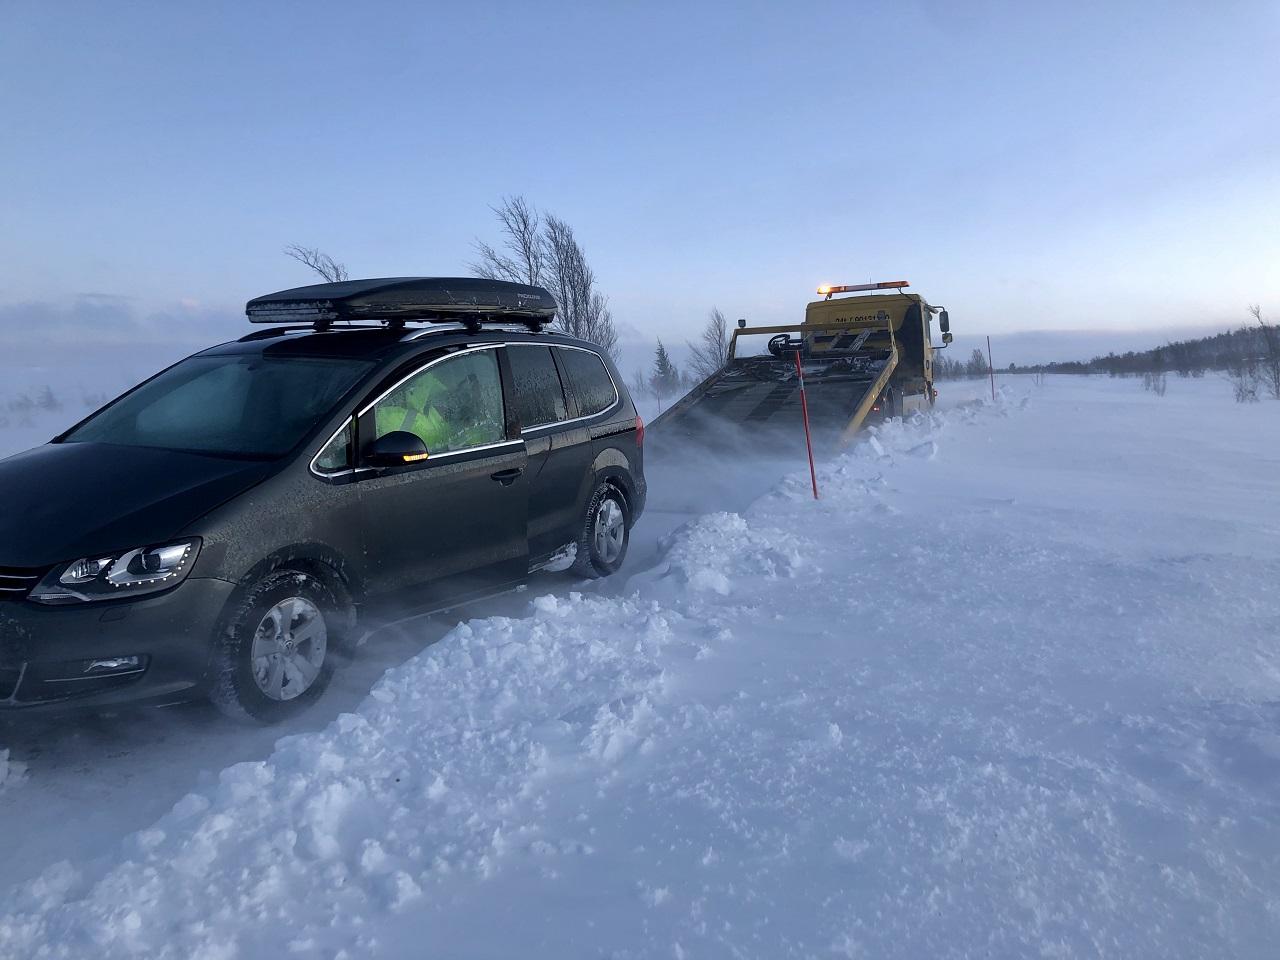 Bilberging - vinterføre - glattkjøring - utforkjørsel - Snø - Fremtind